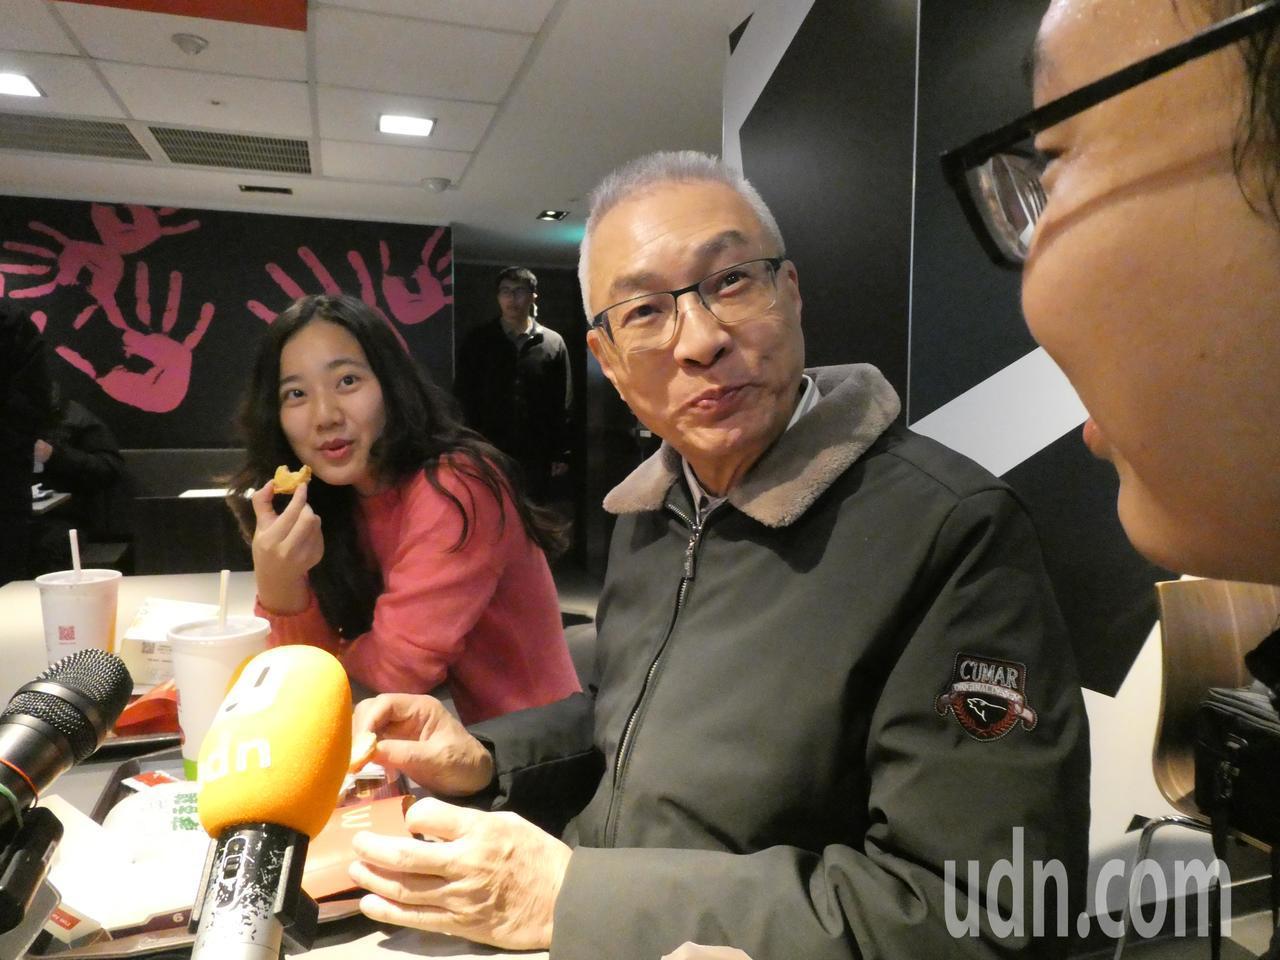 農曆春節將屆,國民黨主席吳敦義今天中午邀請媒體到麥當勞簡單餐敘。談到喜歡美式食物...